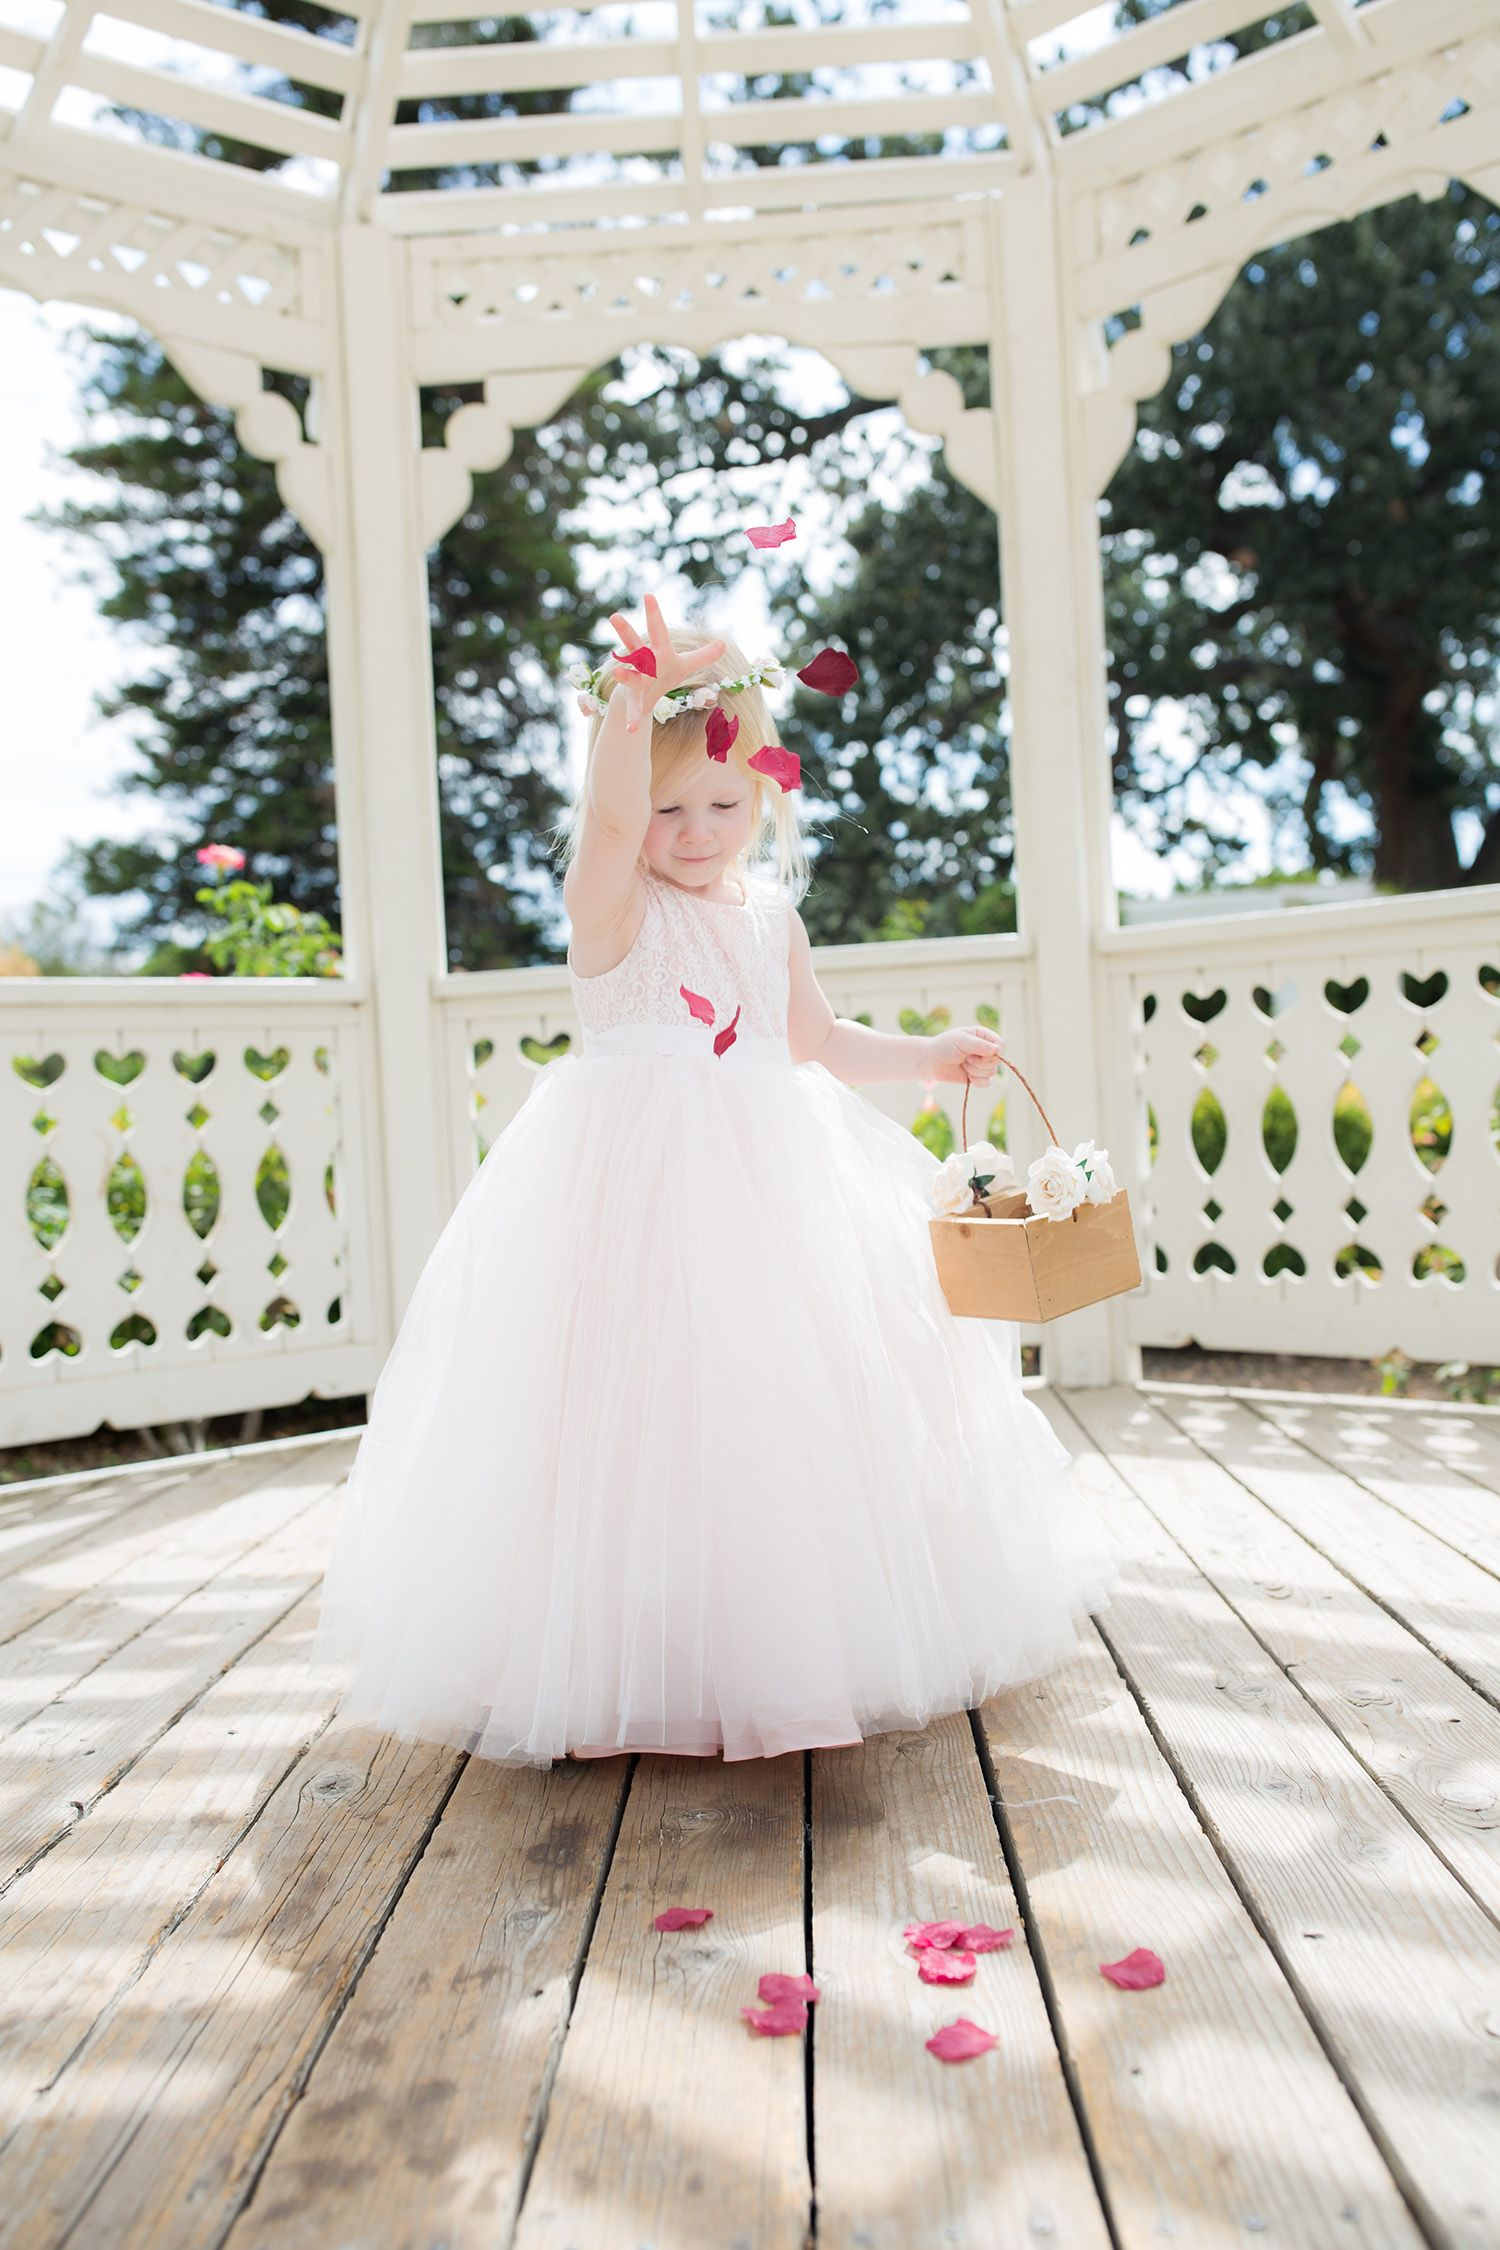 Fall Wedding Dresses: Flower Girl Dress and Wedding Guest Ideas ...